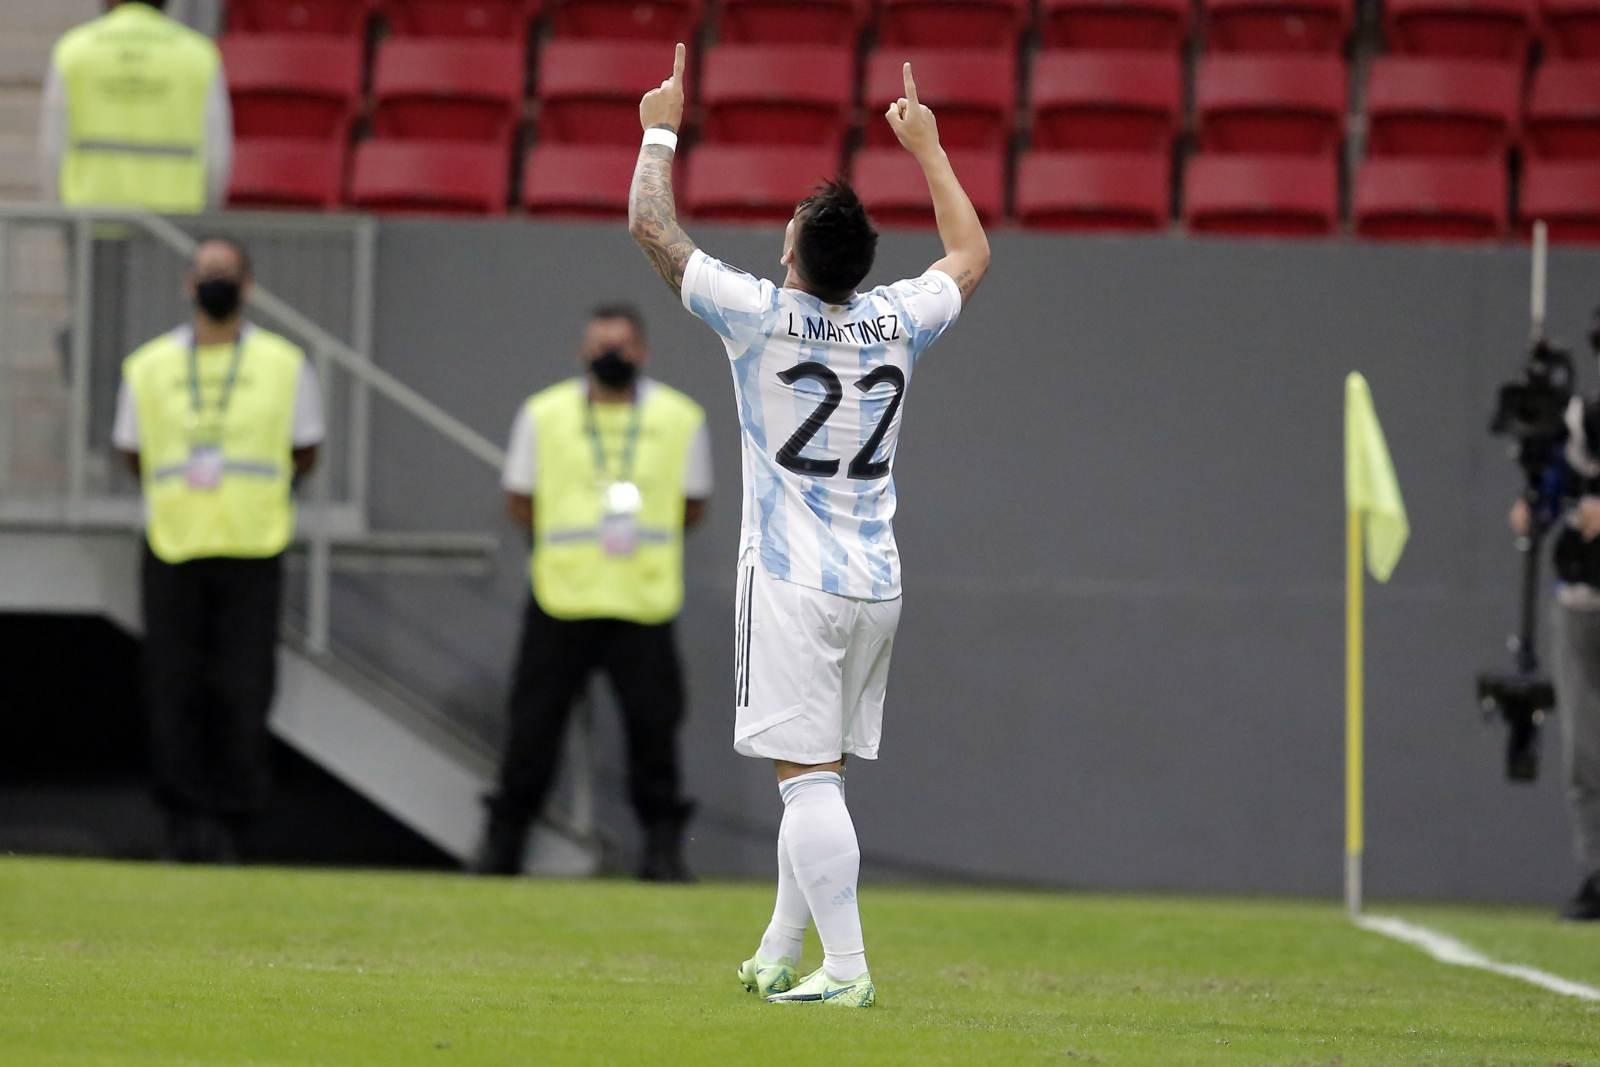 Мартинес: «Это был невероятный сезон»